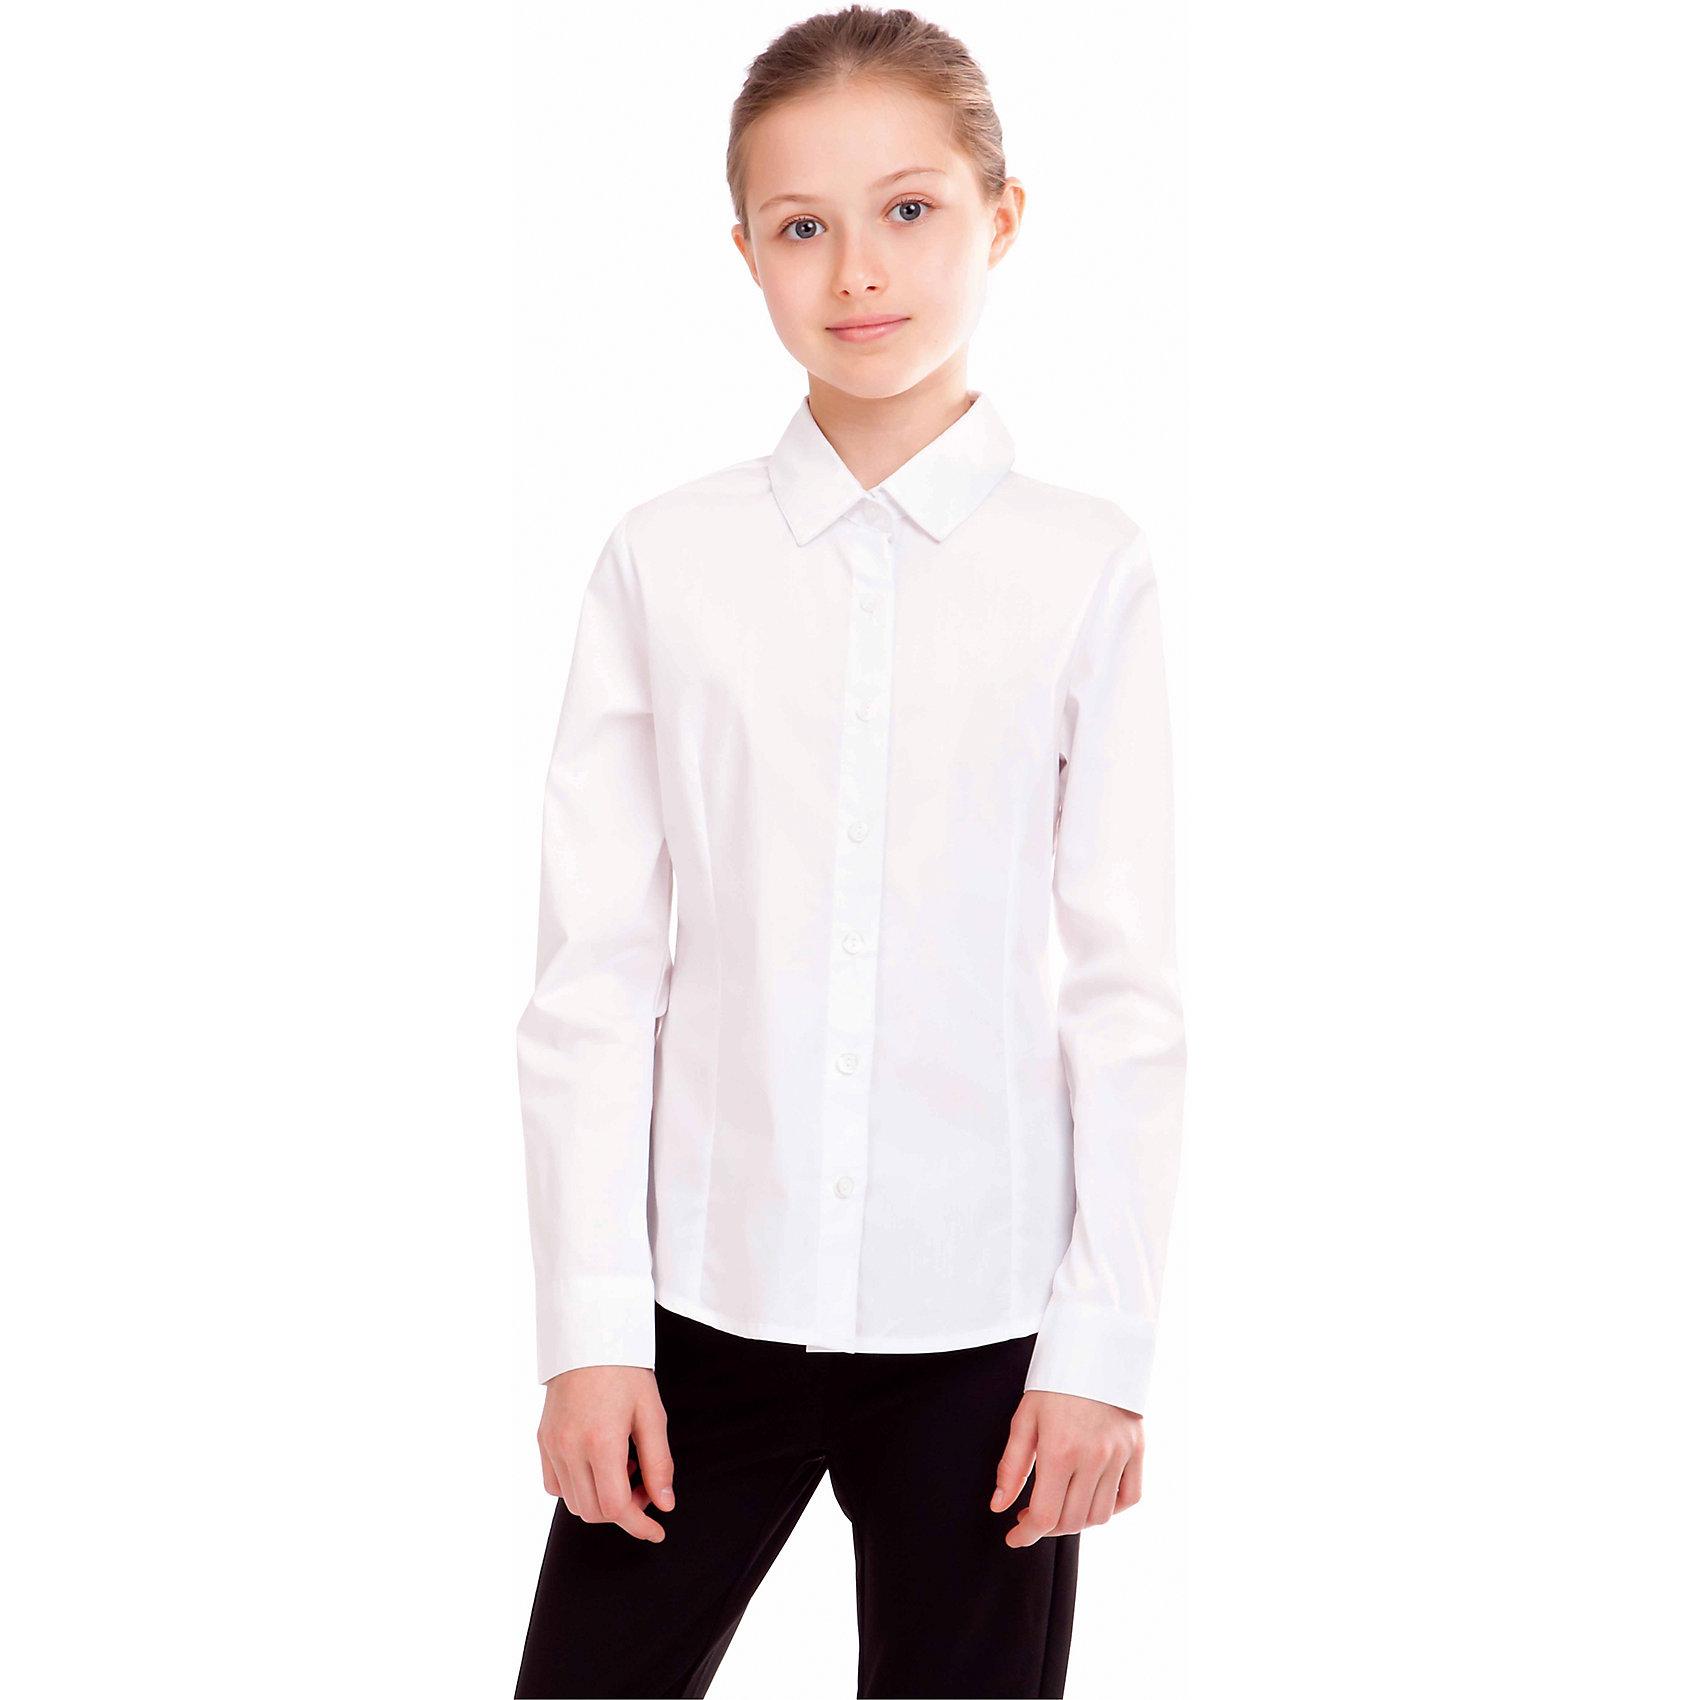 Блузка для девочки GulliverБлузка для девочки от российской марки Gulliver.<br>Классическая блузка для каждого дня современной школьницы.  В составе ткани значительное содержание хлопка. Полиэстер и эластан играют роль смягчающего волокна и гарантируют комфортную посадку блузки на фигуре. Отсутствие крупных декоративных деталей на полочке позволят ей быть прекрасным дополнением к любому сарафану.<br>Состав:<br>68%хлопок, 29% полиэстер, 3%эластан<br><br>Ширина мм: 186<br>Глубина мм: 87<br>Высота мм: 198<br>Вес г: 197<br>Цвет: белый<br>Возраст от месяцев: 120<br>Возраст до месяцев: 132<br>Пол: Женский<br>Возраст: Детский<br>Размер: 146,158,140,128,152,122,134<br>SKU: 4174728